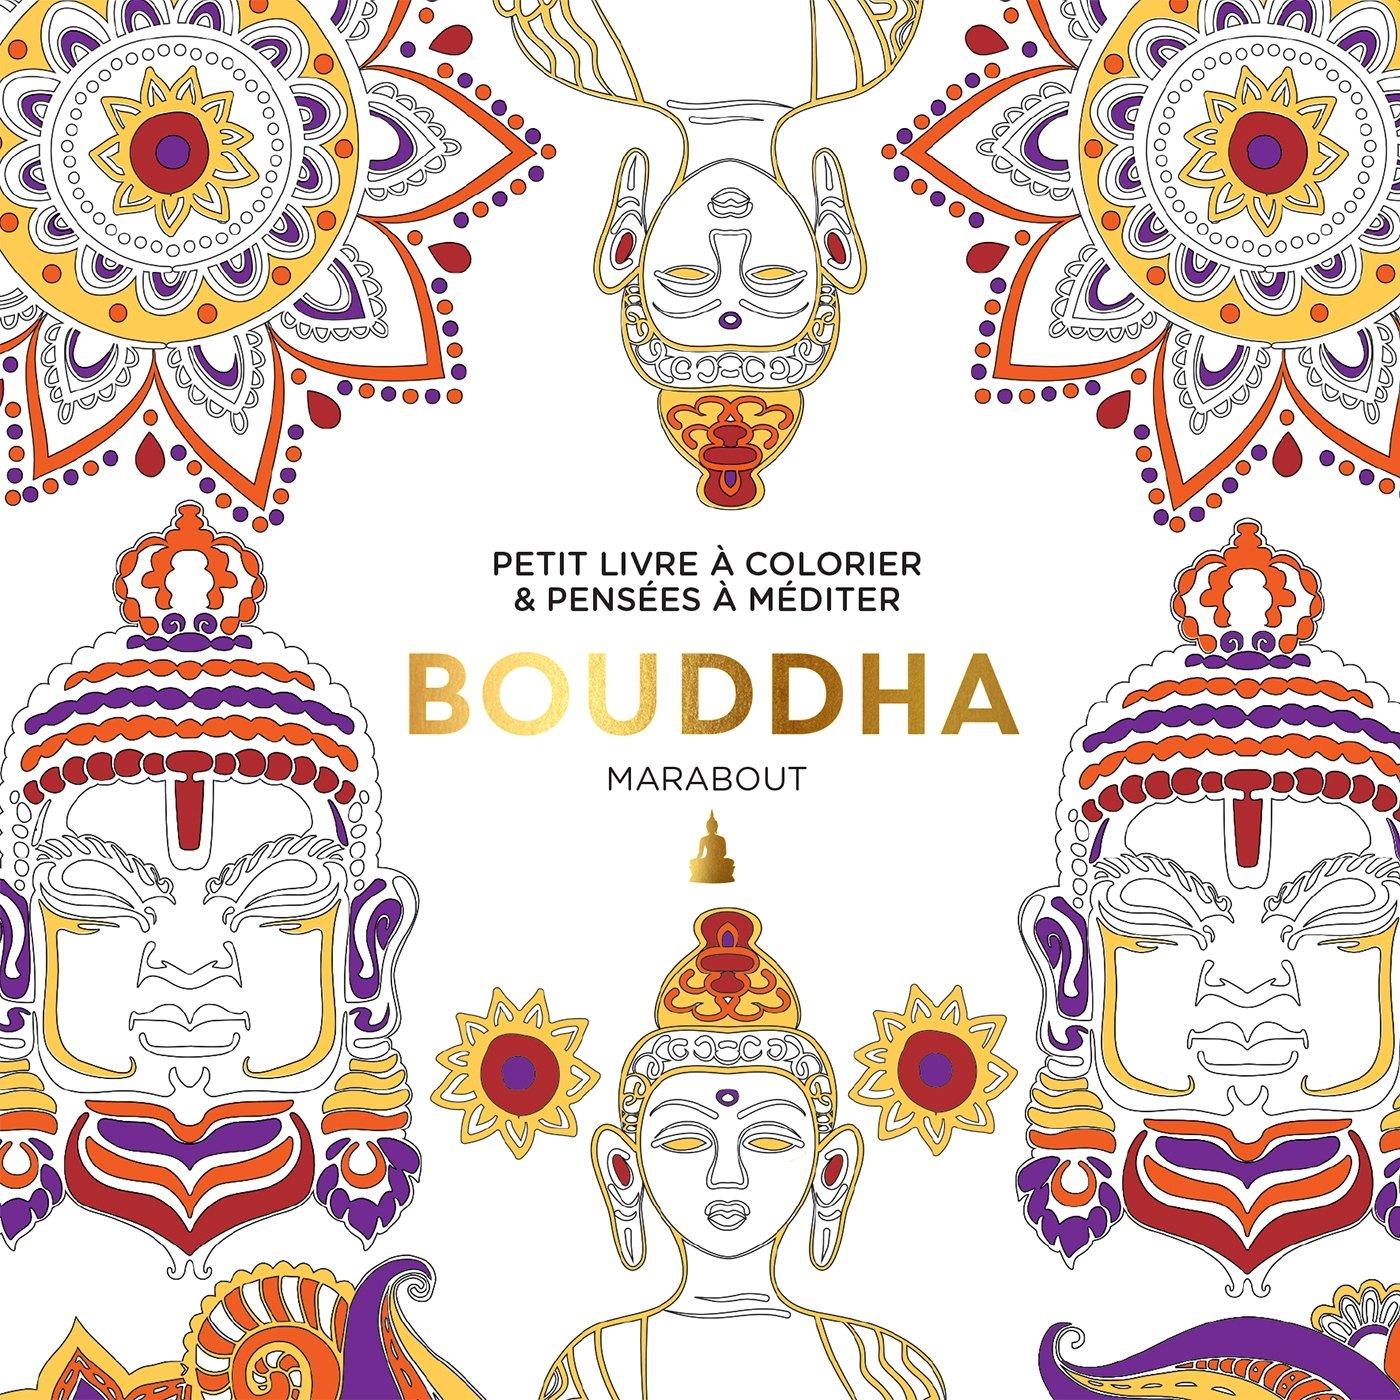 Petit livre  colorier Bouddha